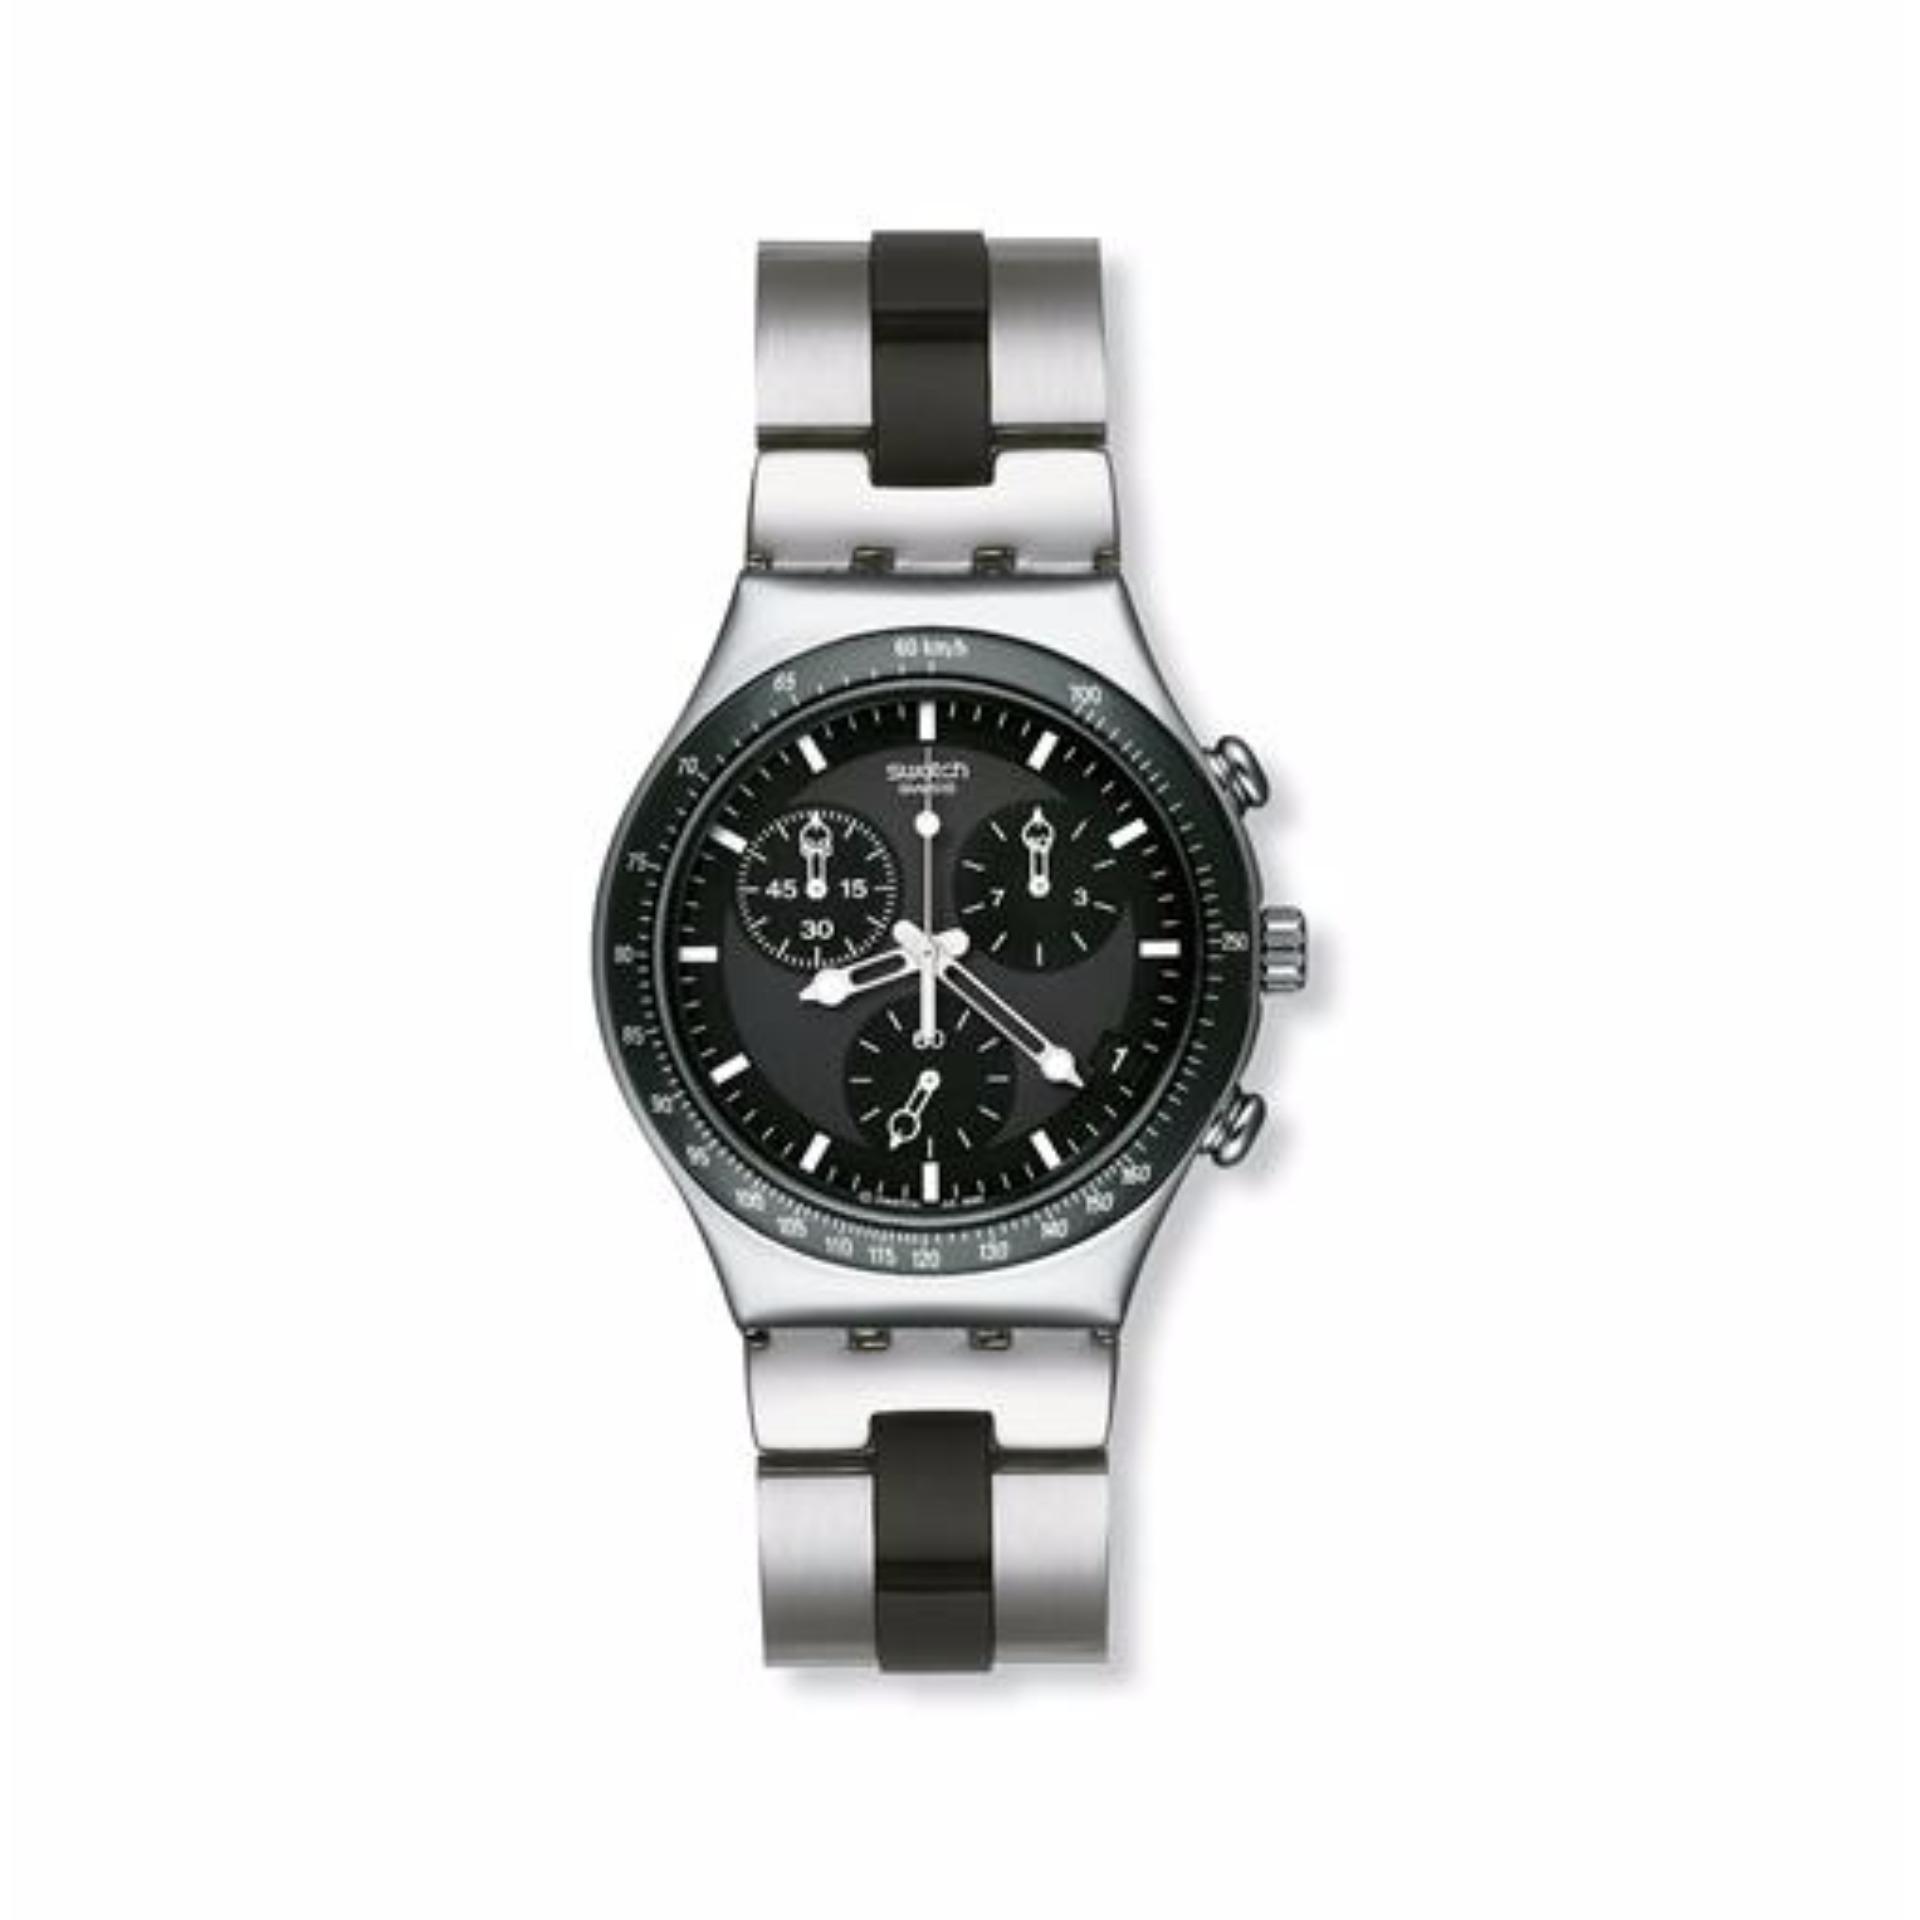 swatch-ycs410gx-windfall-chronograph-jam-tangan-pria -bahan-tali-mixed-material-silver-hitam -1498806526-77489872-d9e19e505b7e3fa05a63cedb26ecd6a3.jpg